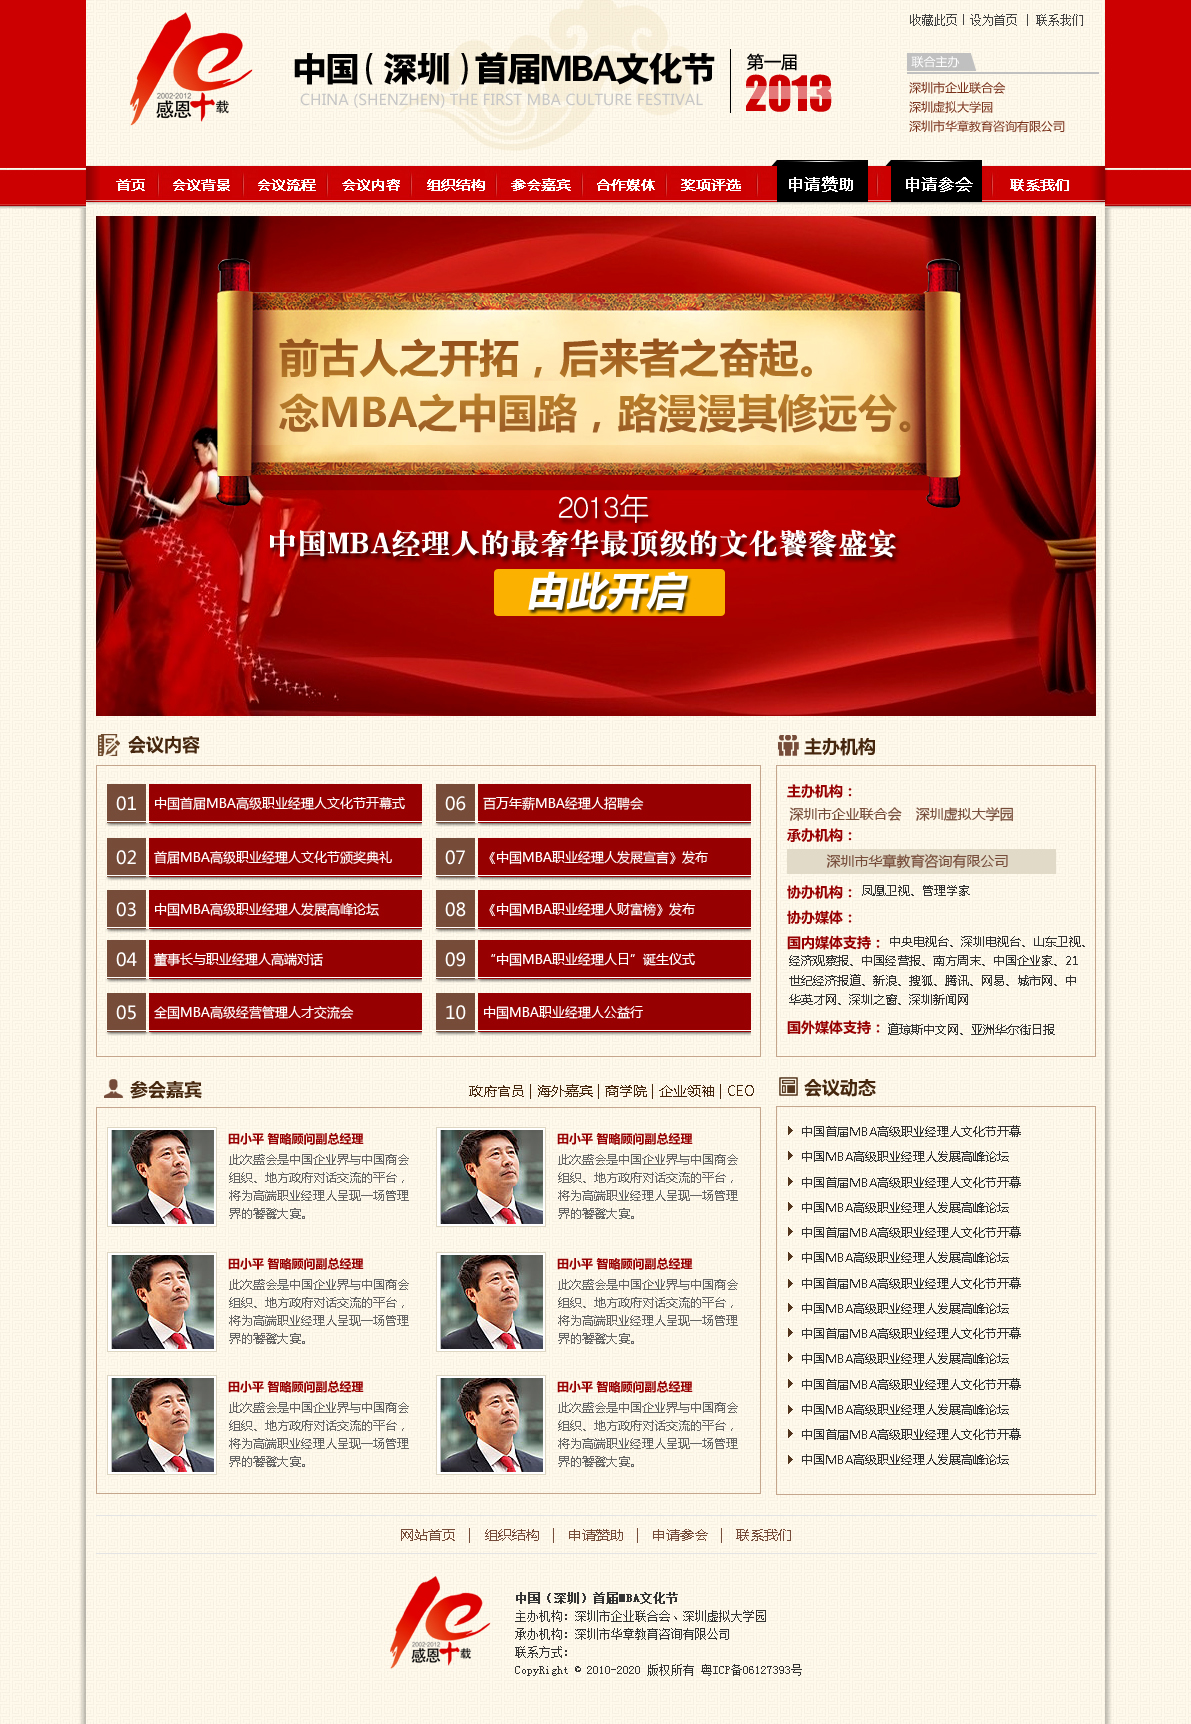 中国(深圳)首届MBA文化节品牌官网策划建设